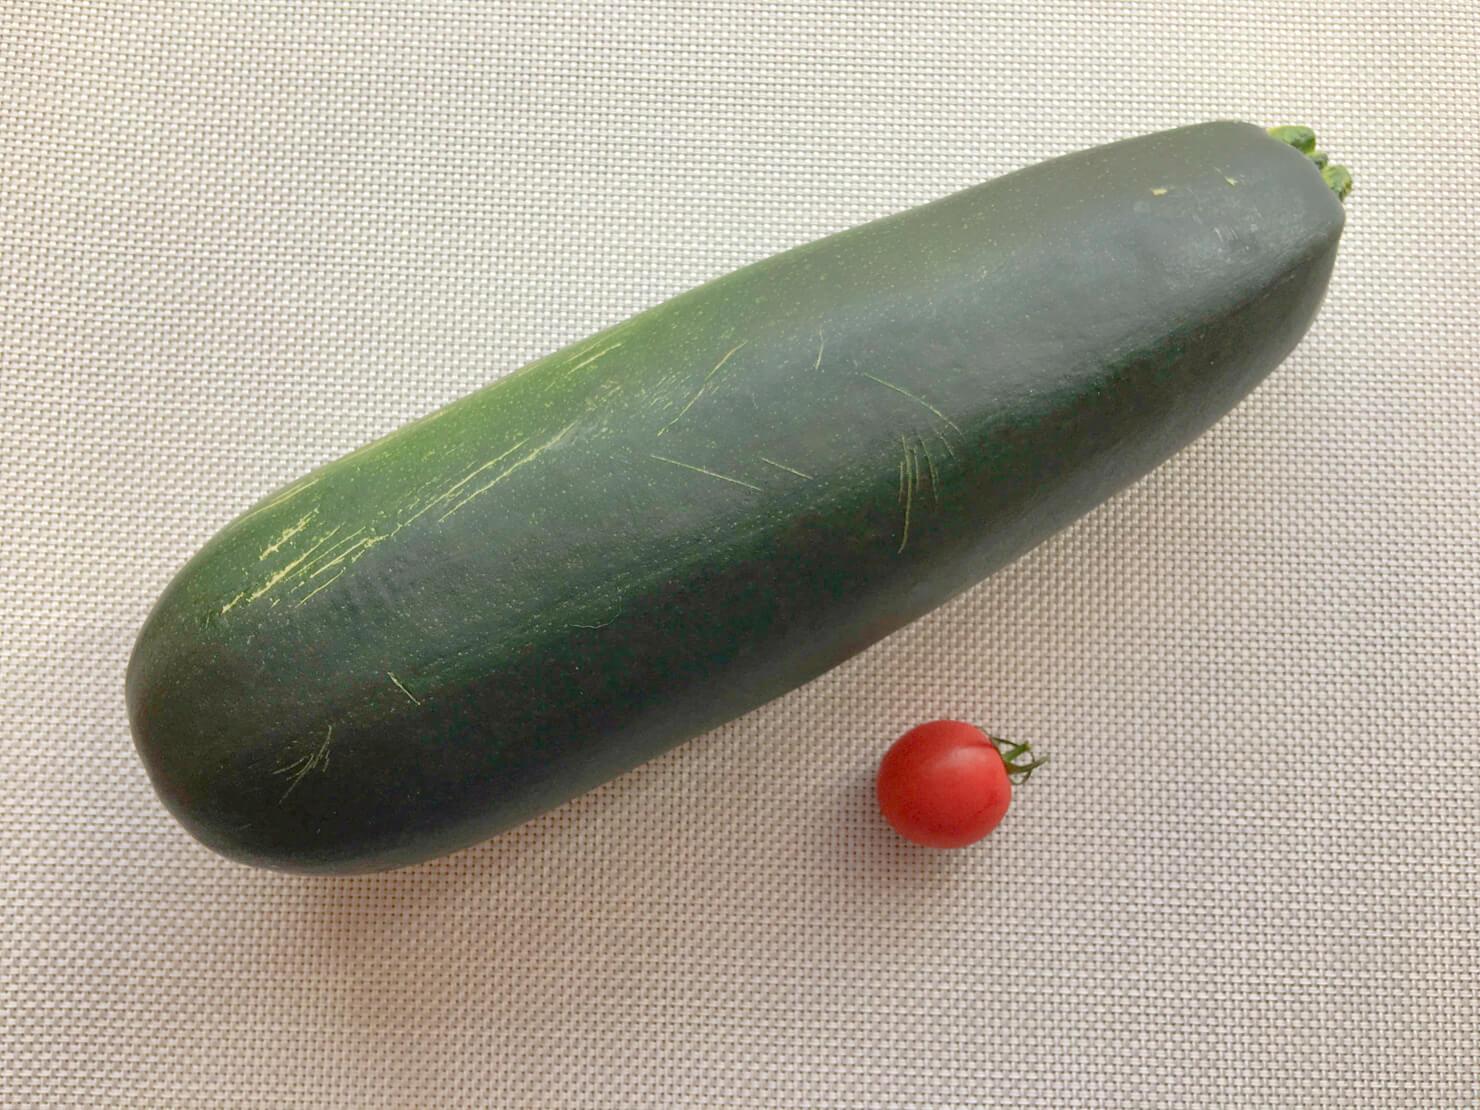 大きいズッキーニとミニトマトの写真